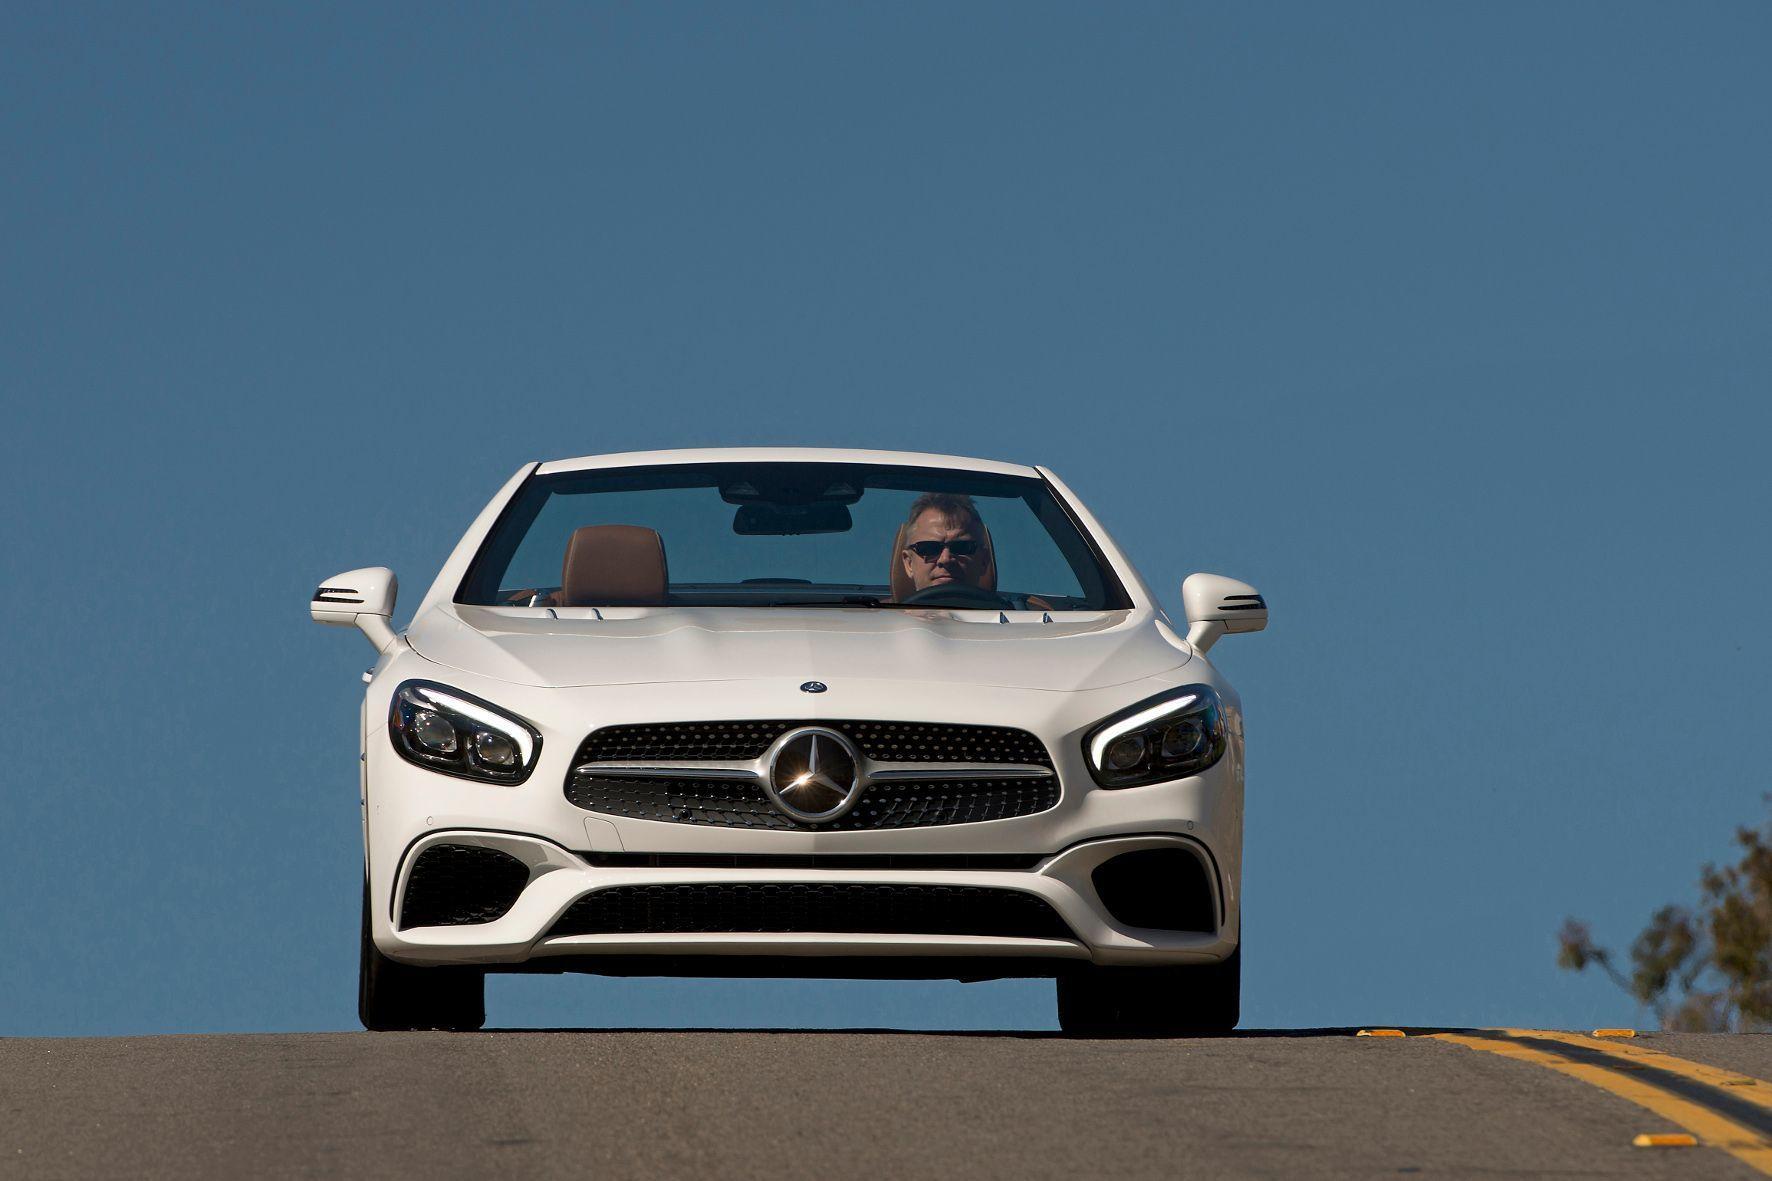 mid Groß-Gerau - Cabrio-Fahrer wechseln ihren Wagen statistisch besonders häufig.